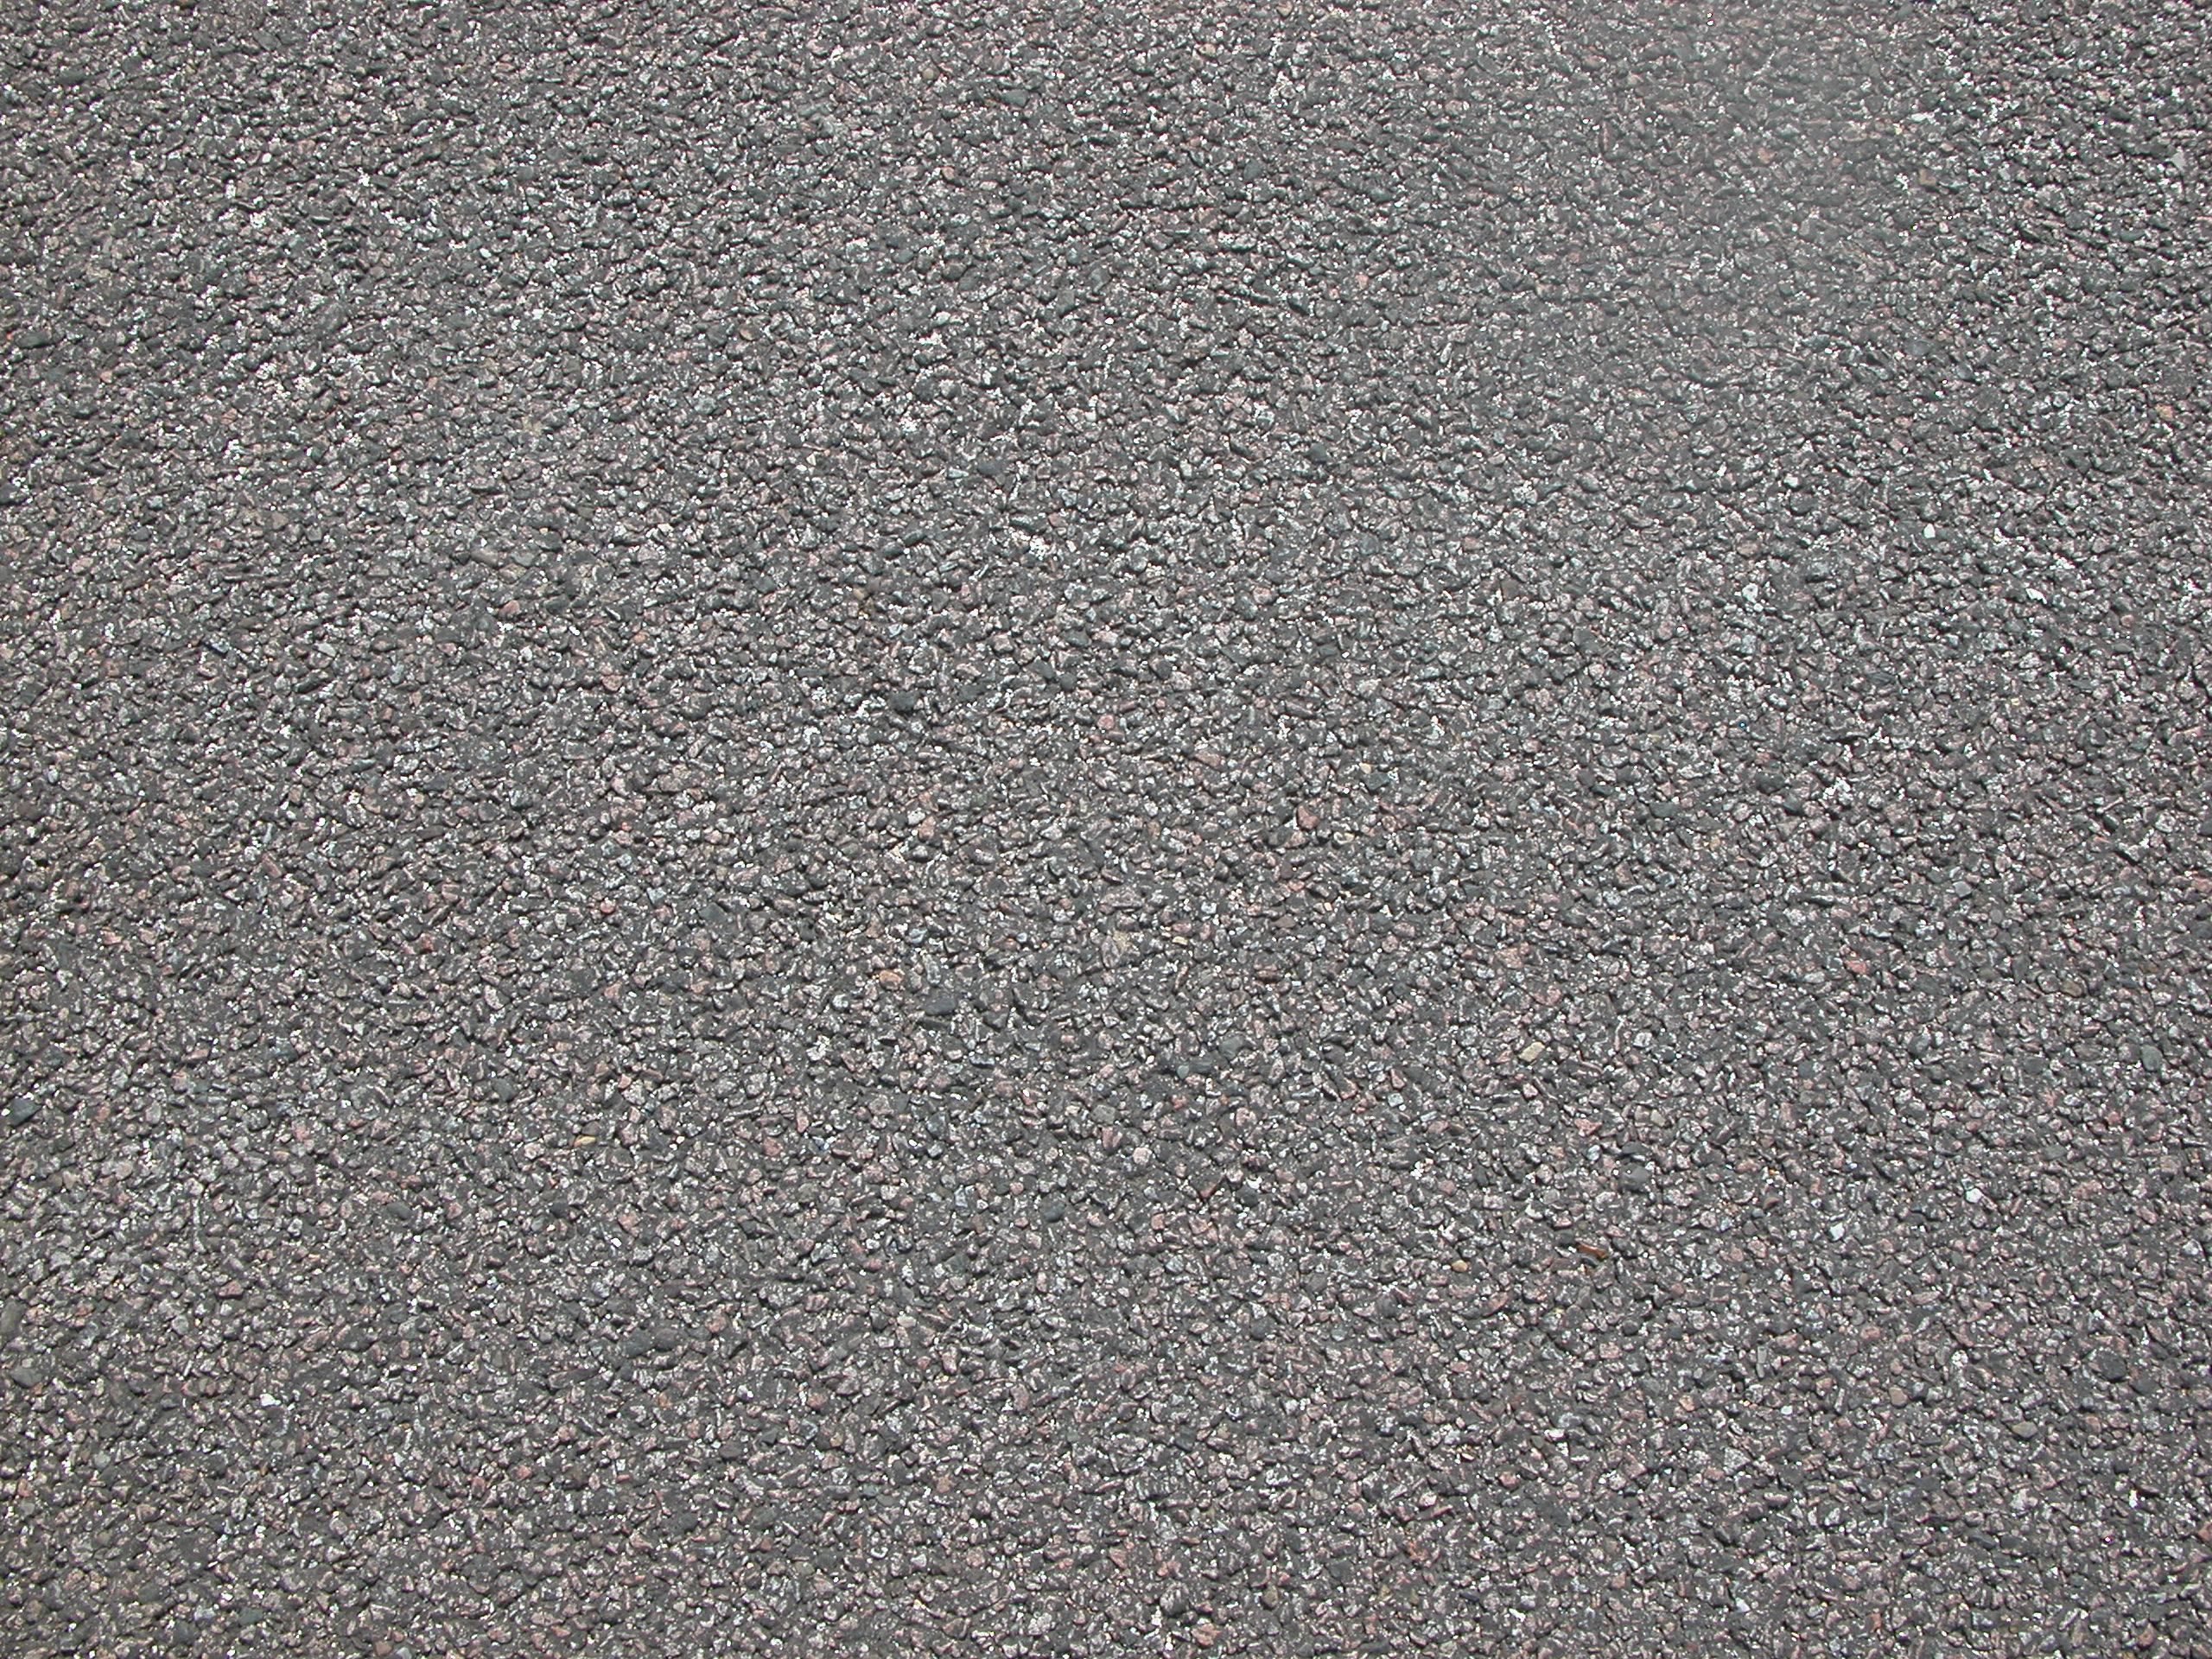 Image*After : photo : asphalt road tarmac black